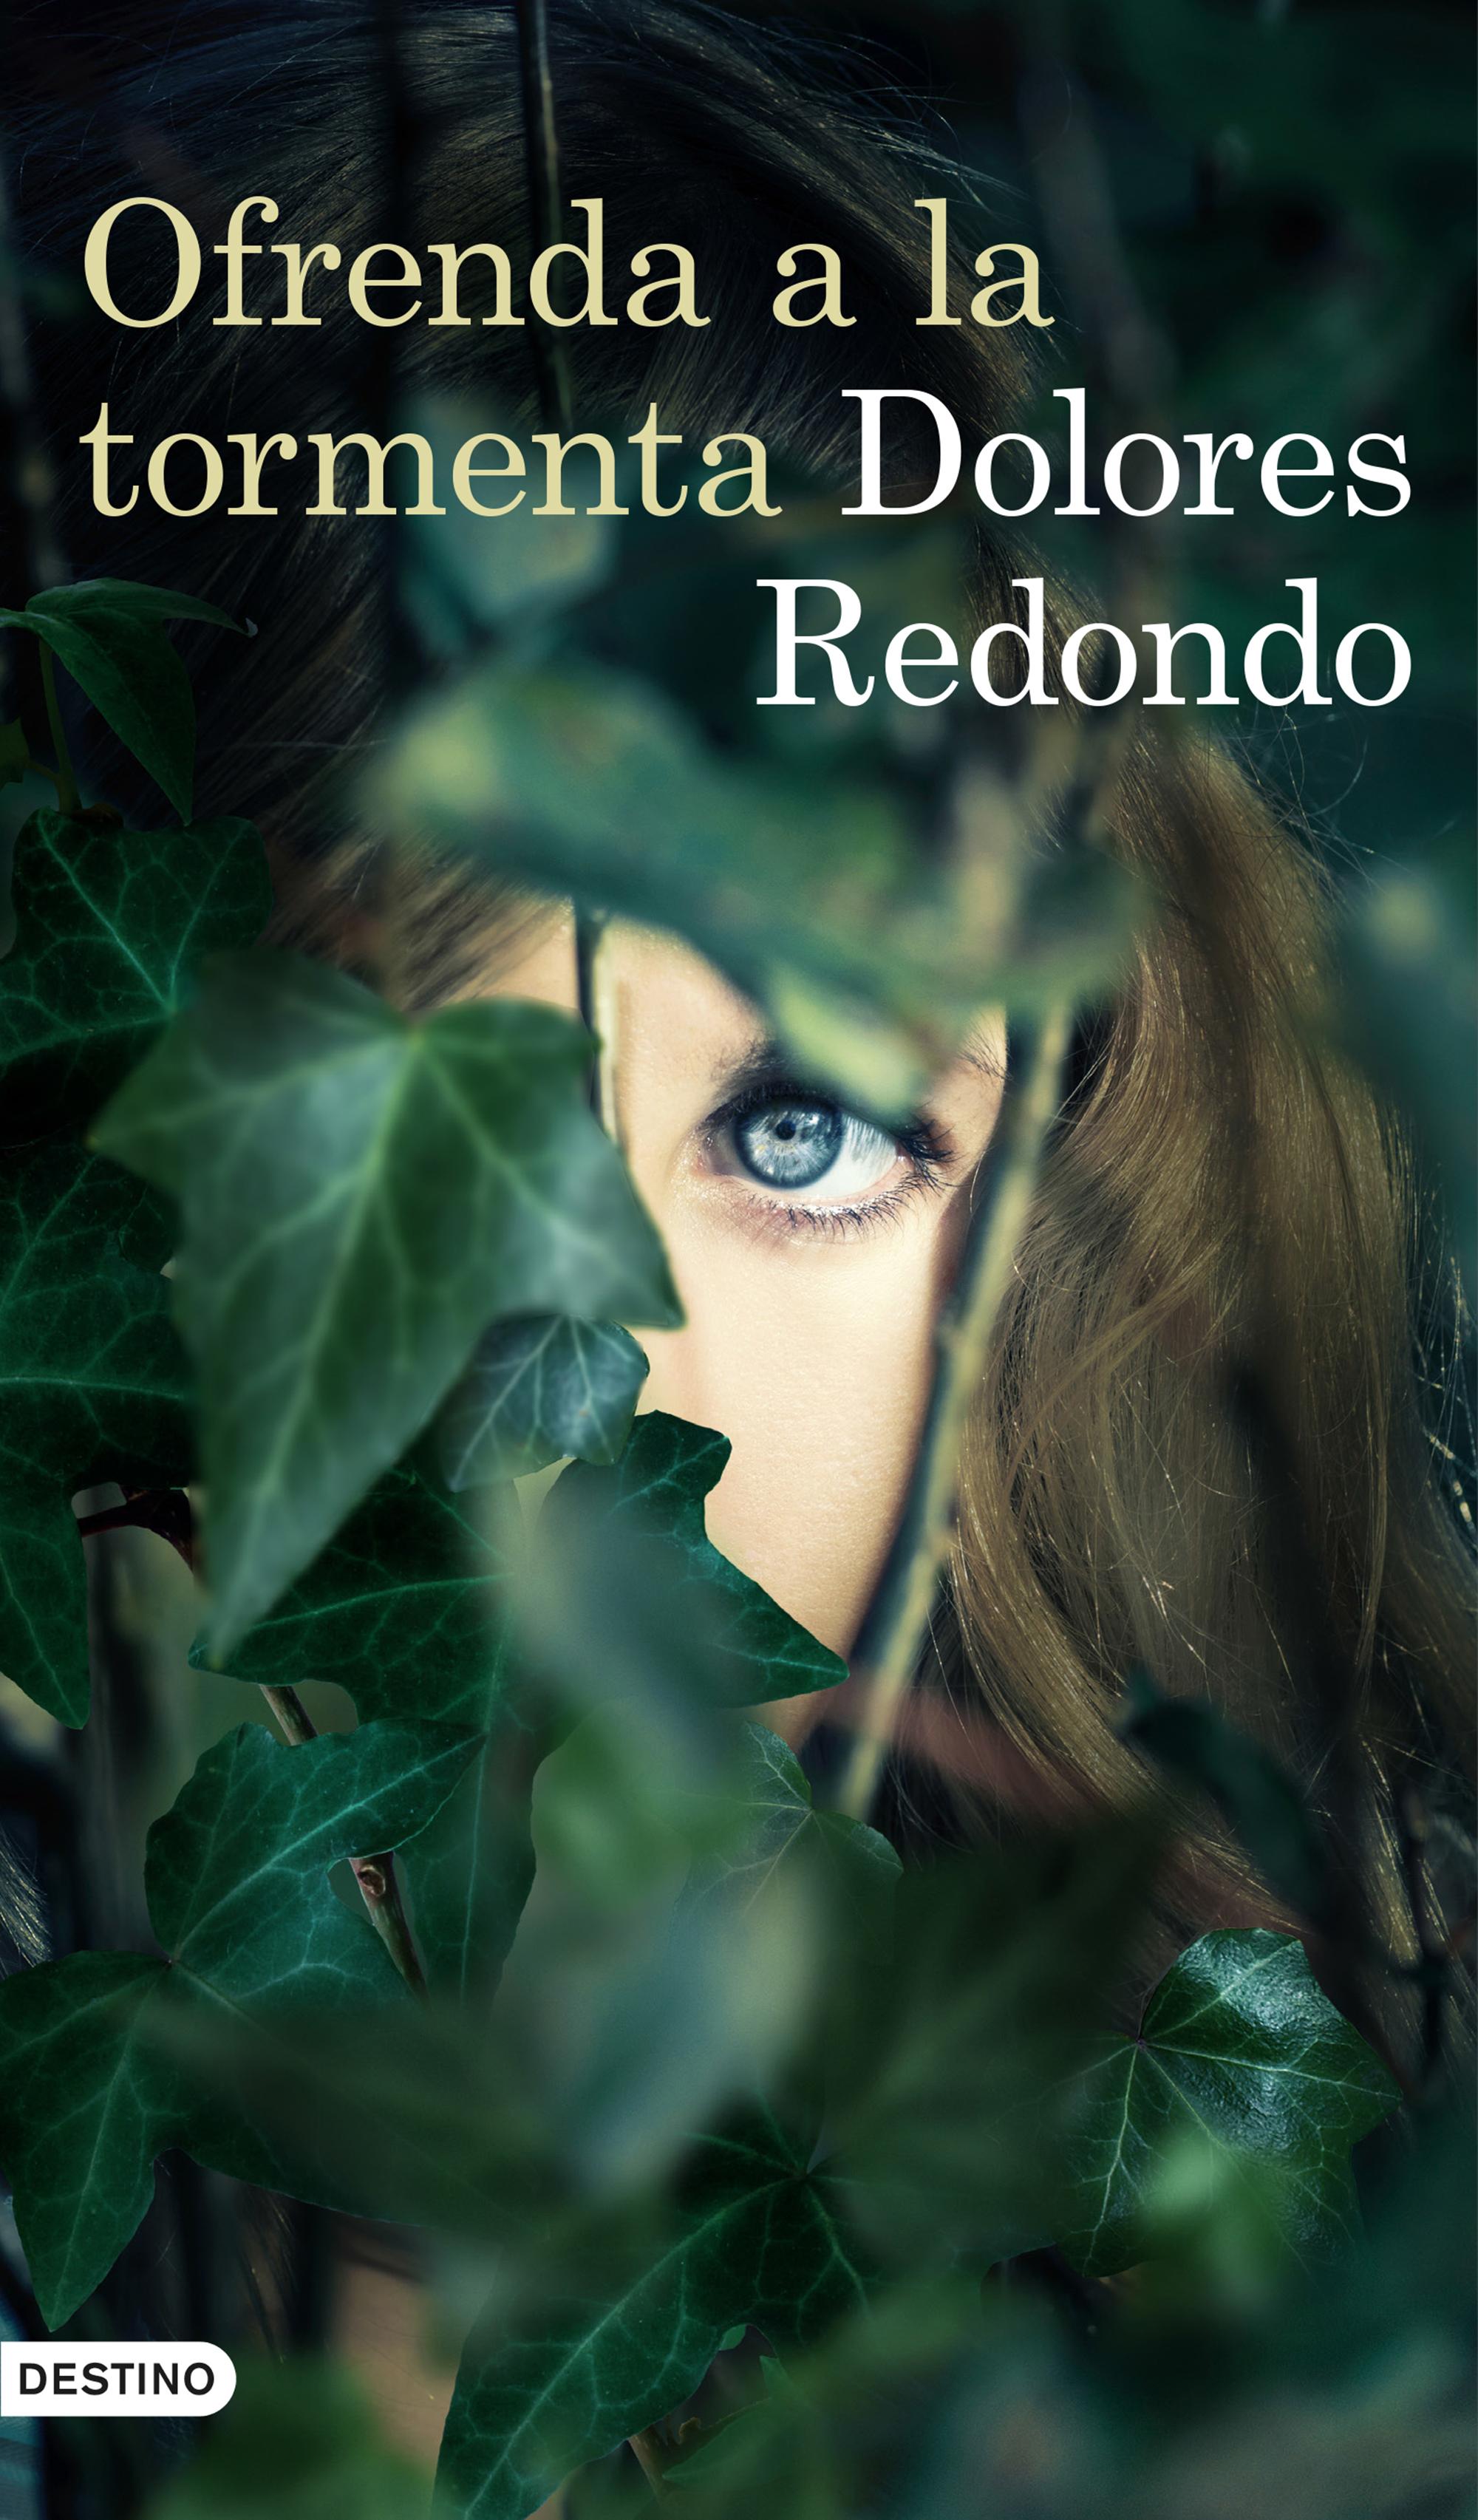 Ofrenda en la tormenta de Dolores Redondo